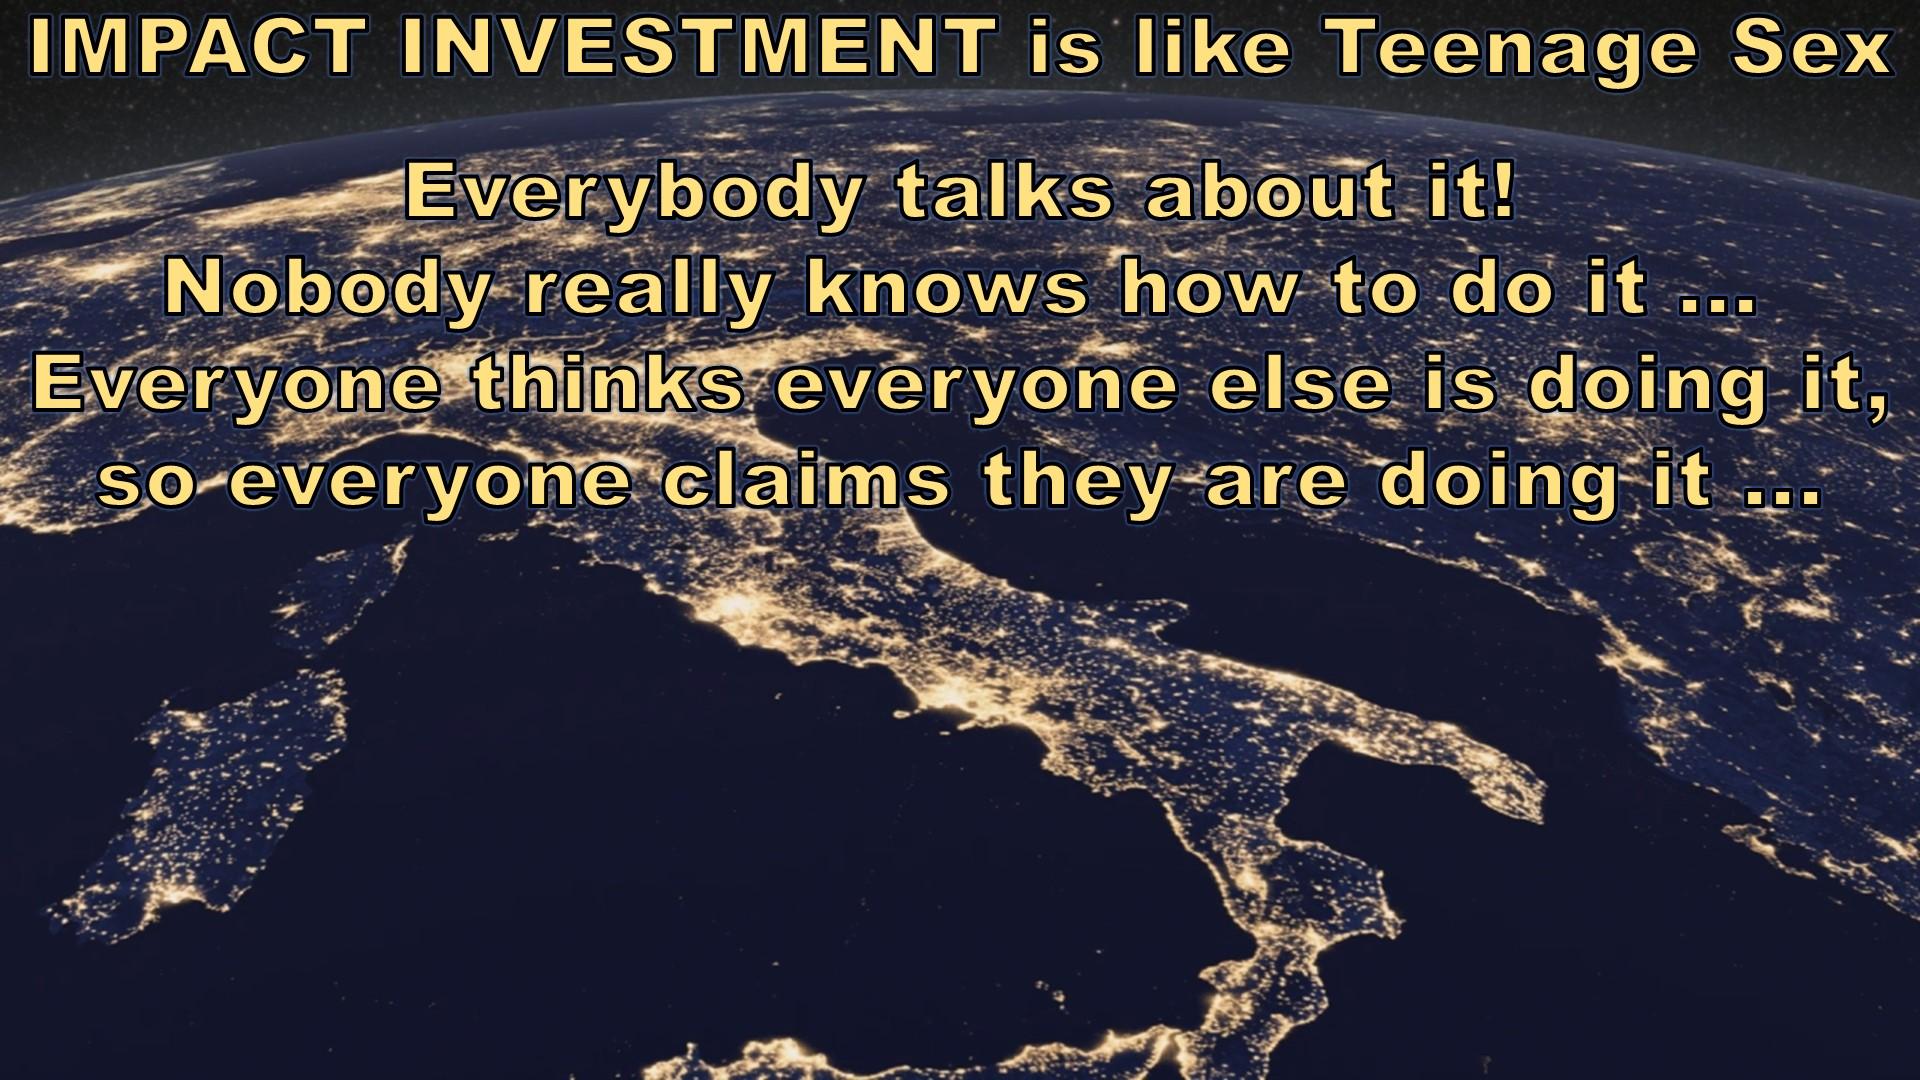 Impact Investing is like Teenage Sex